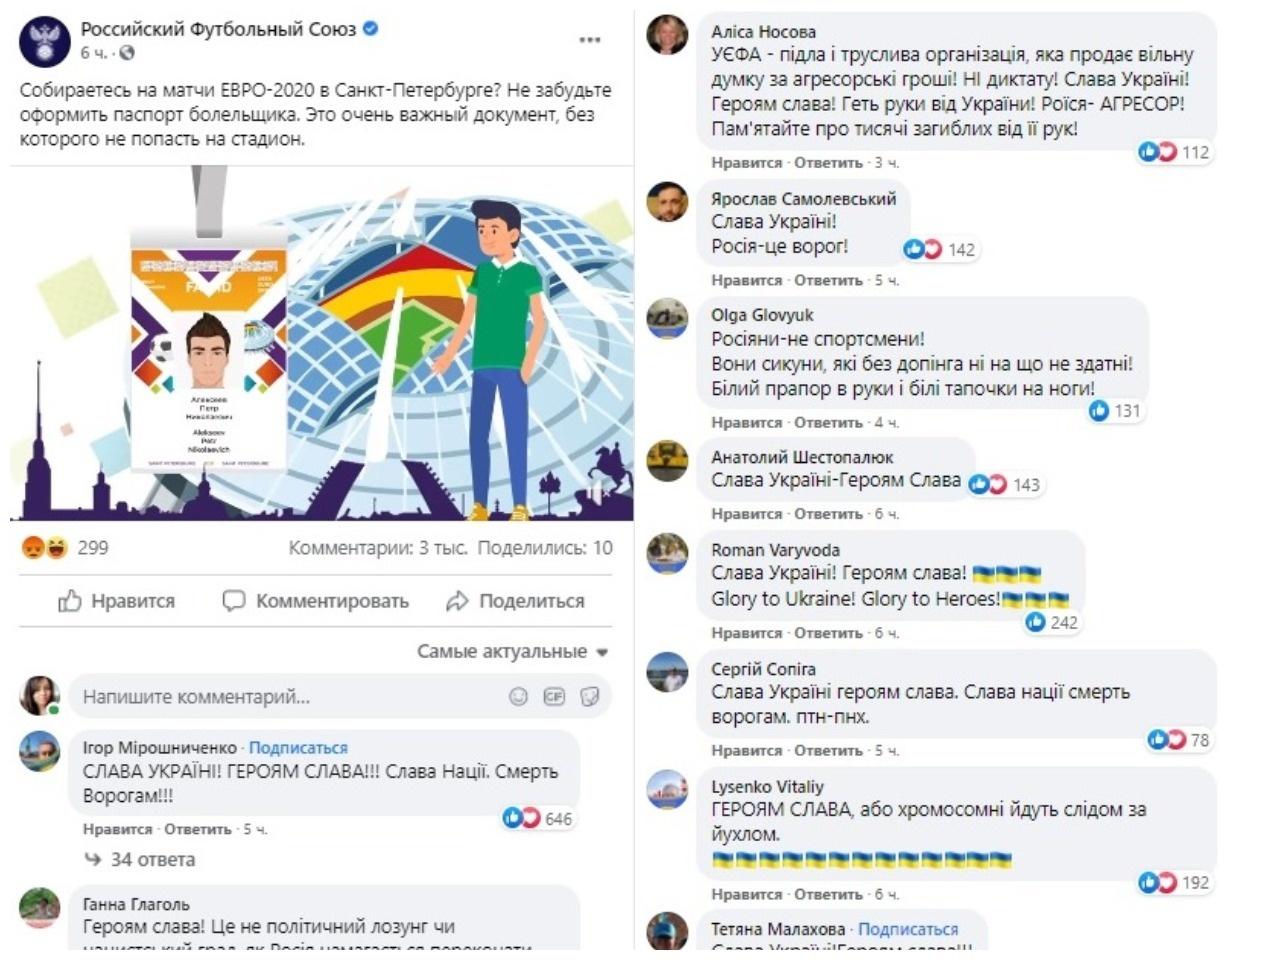 Скриншот: Российский Футбольный Союз / Facebook